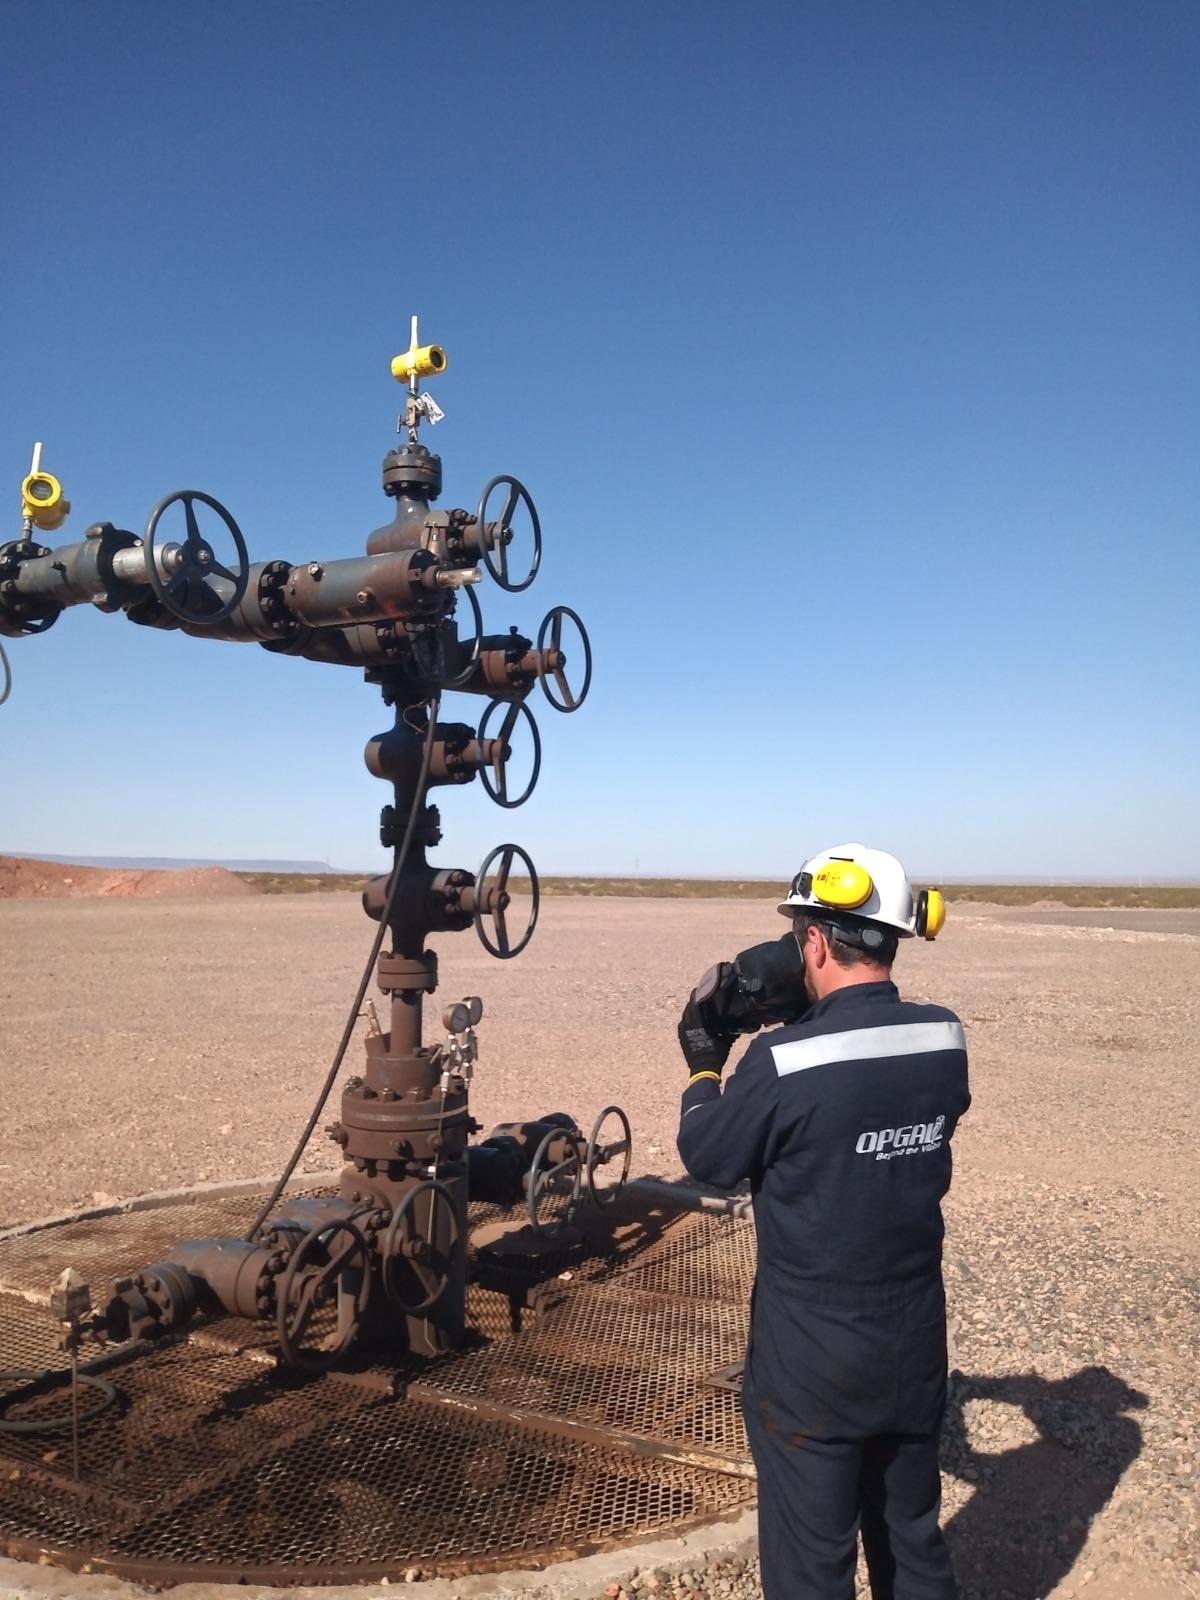 OGI 光学气体摄像机:挥发性有机物(VOCs)无组织排放检测和监控的最佳选择